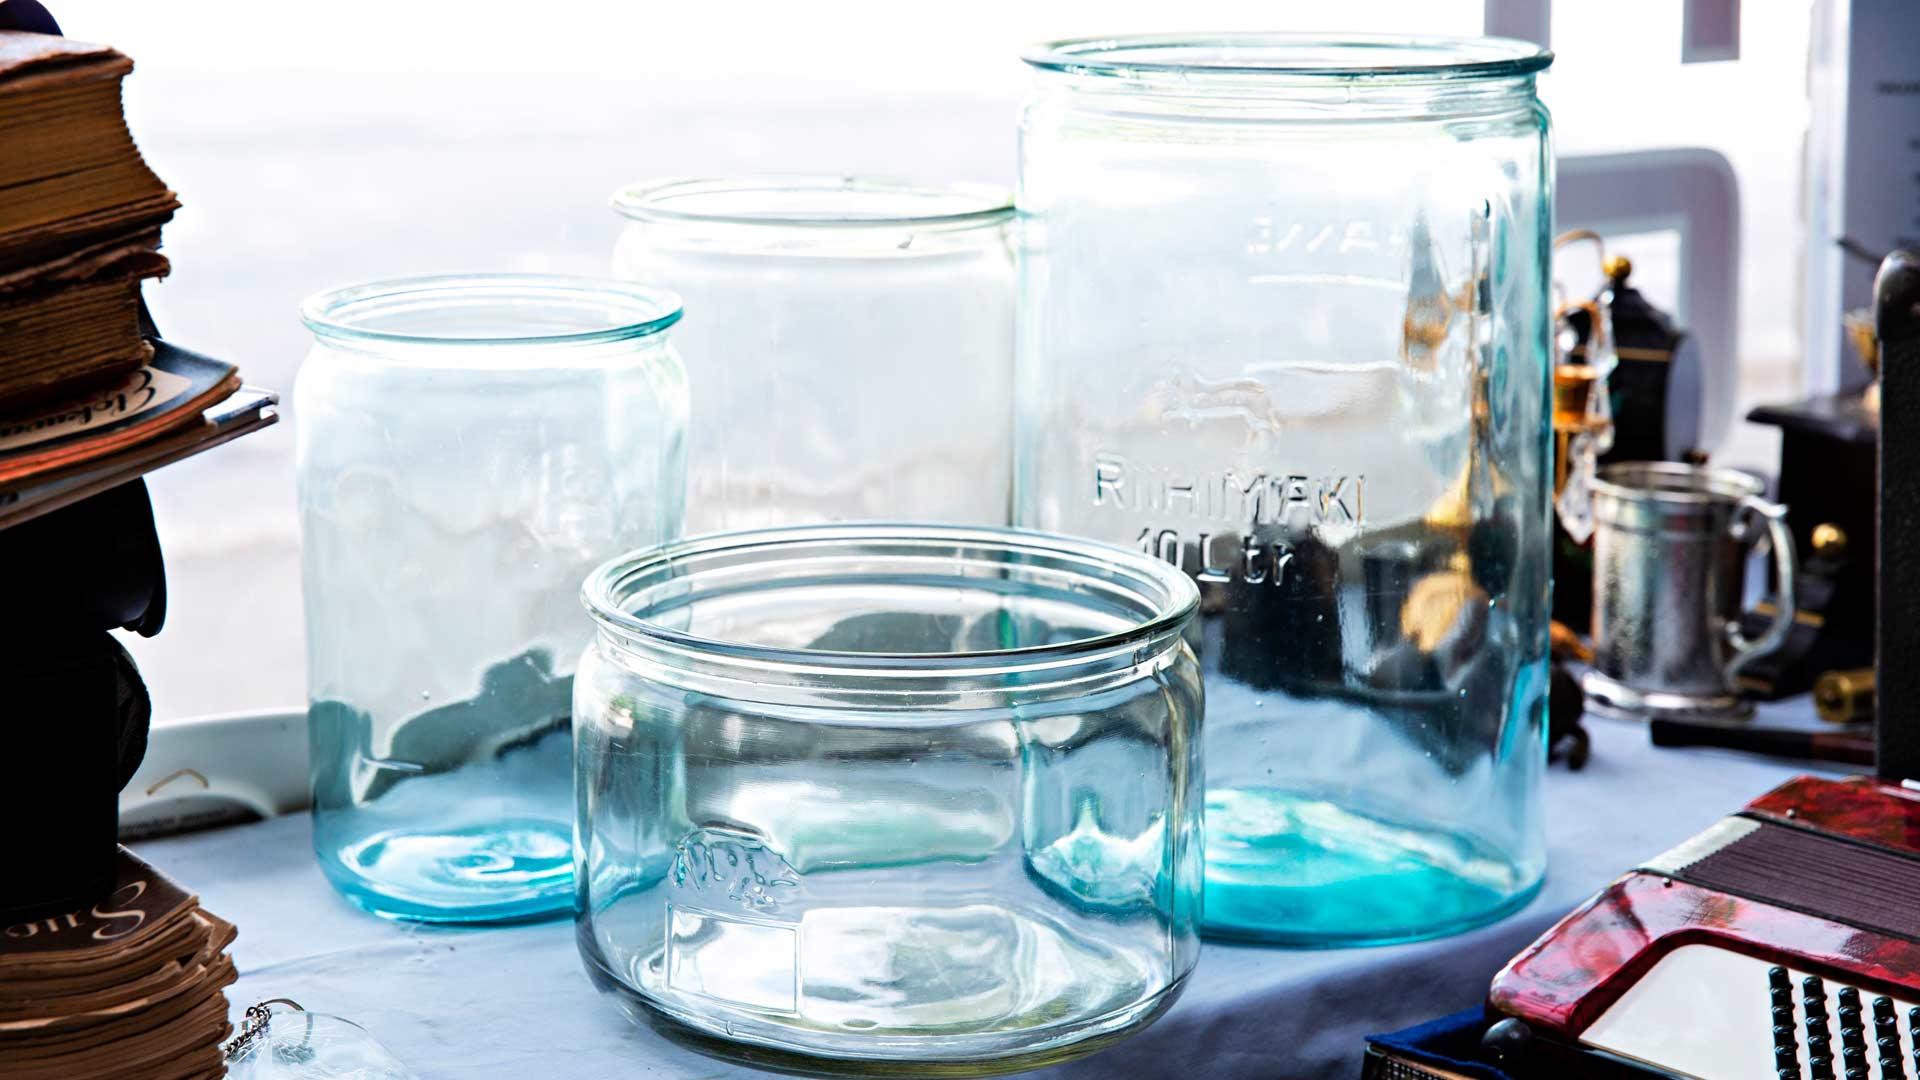 Riihimäen laakeita ja pyöreitä lasipurkkeja